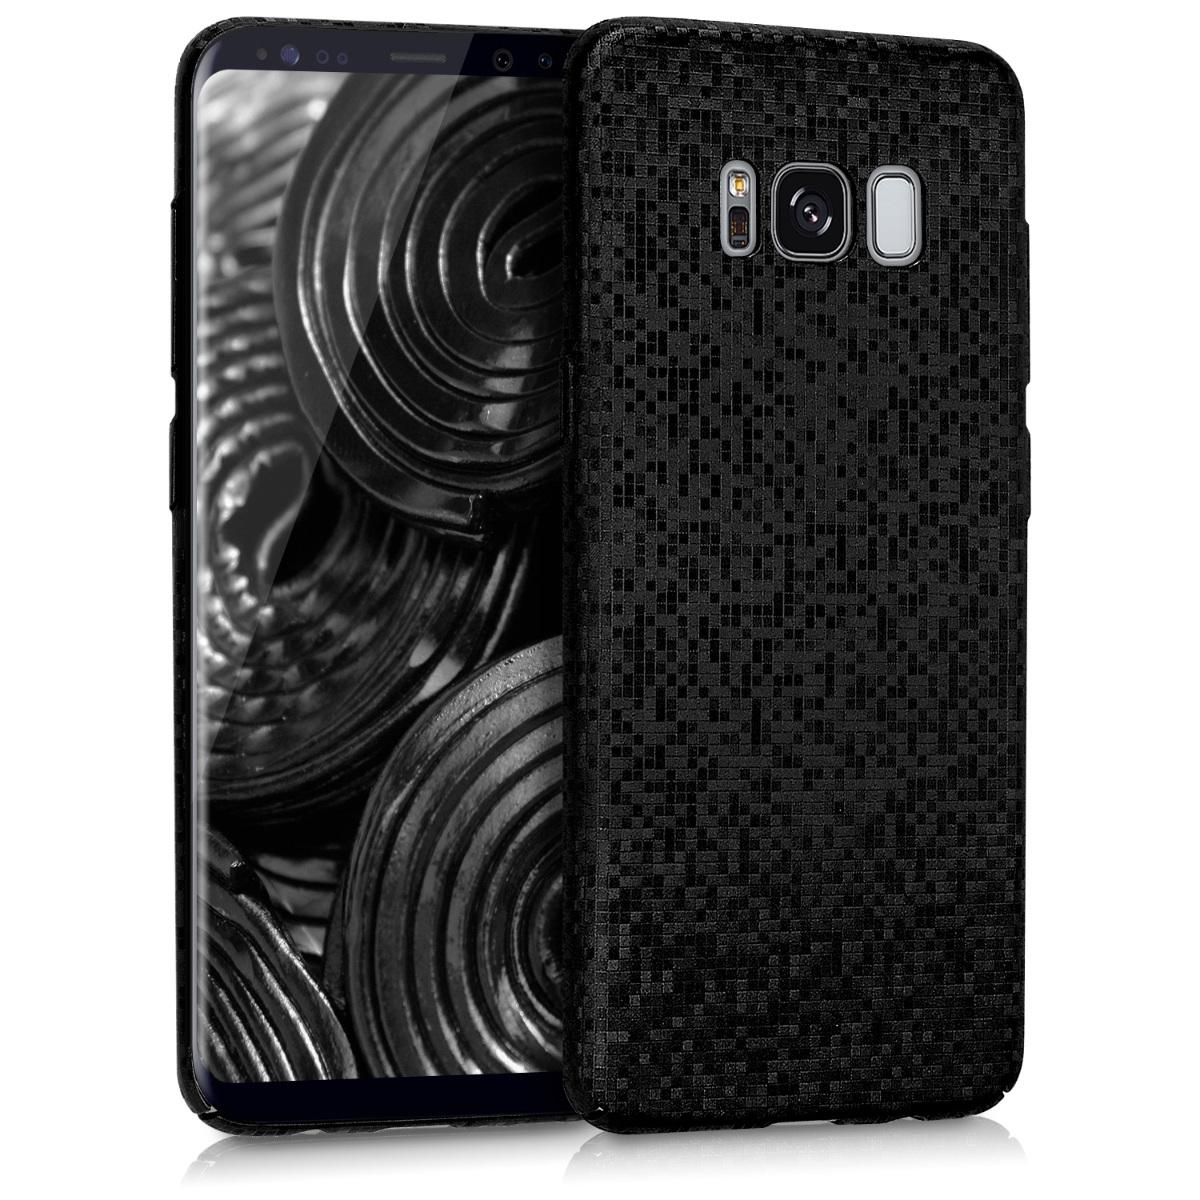 Kvalitní plastové pouzdro pro Samsung S8 - Mosaic Glitter černé